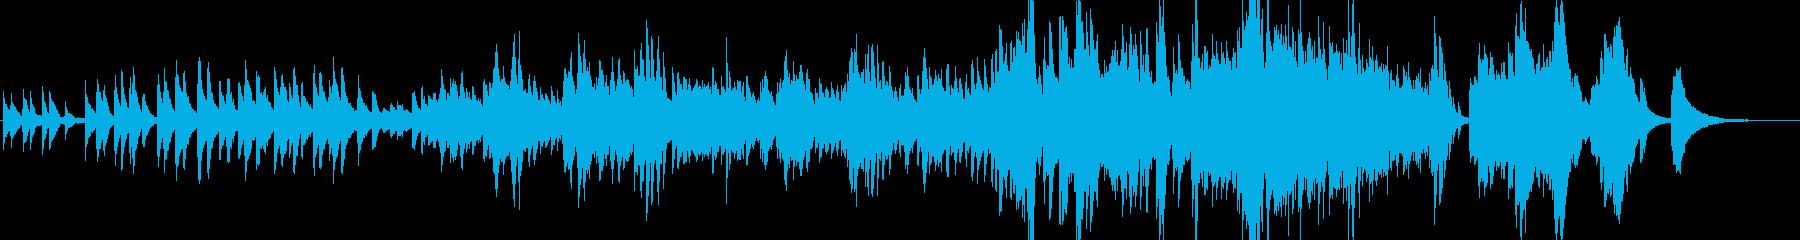 哀愁を感じるピアノ曲の再生済みの波形